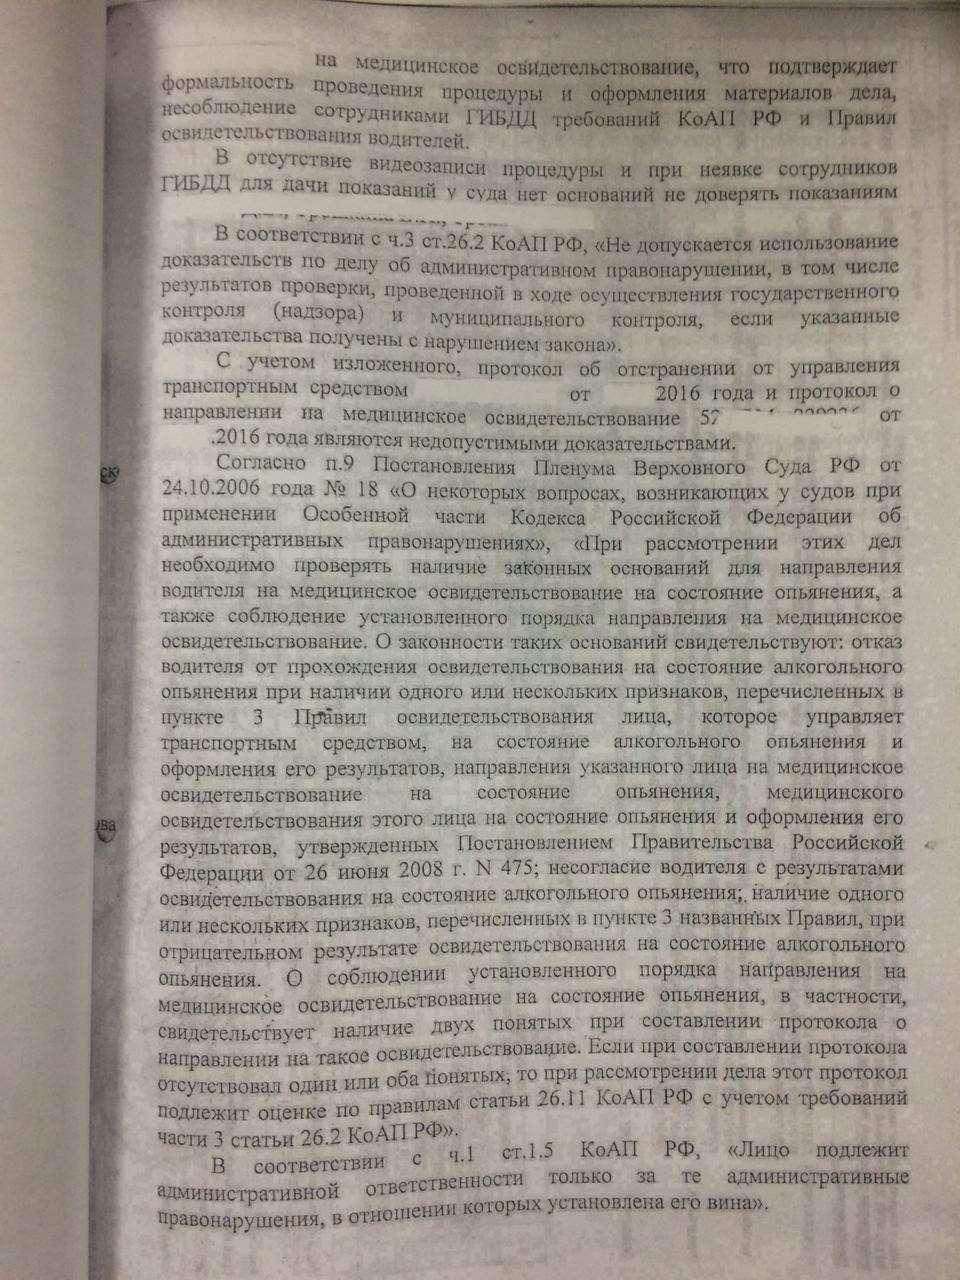 Разводки ГИБДД: как нелишиться прав заотказ отмедосвидетельствования— фото 927379